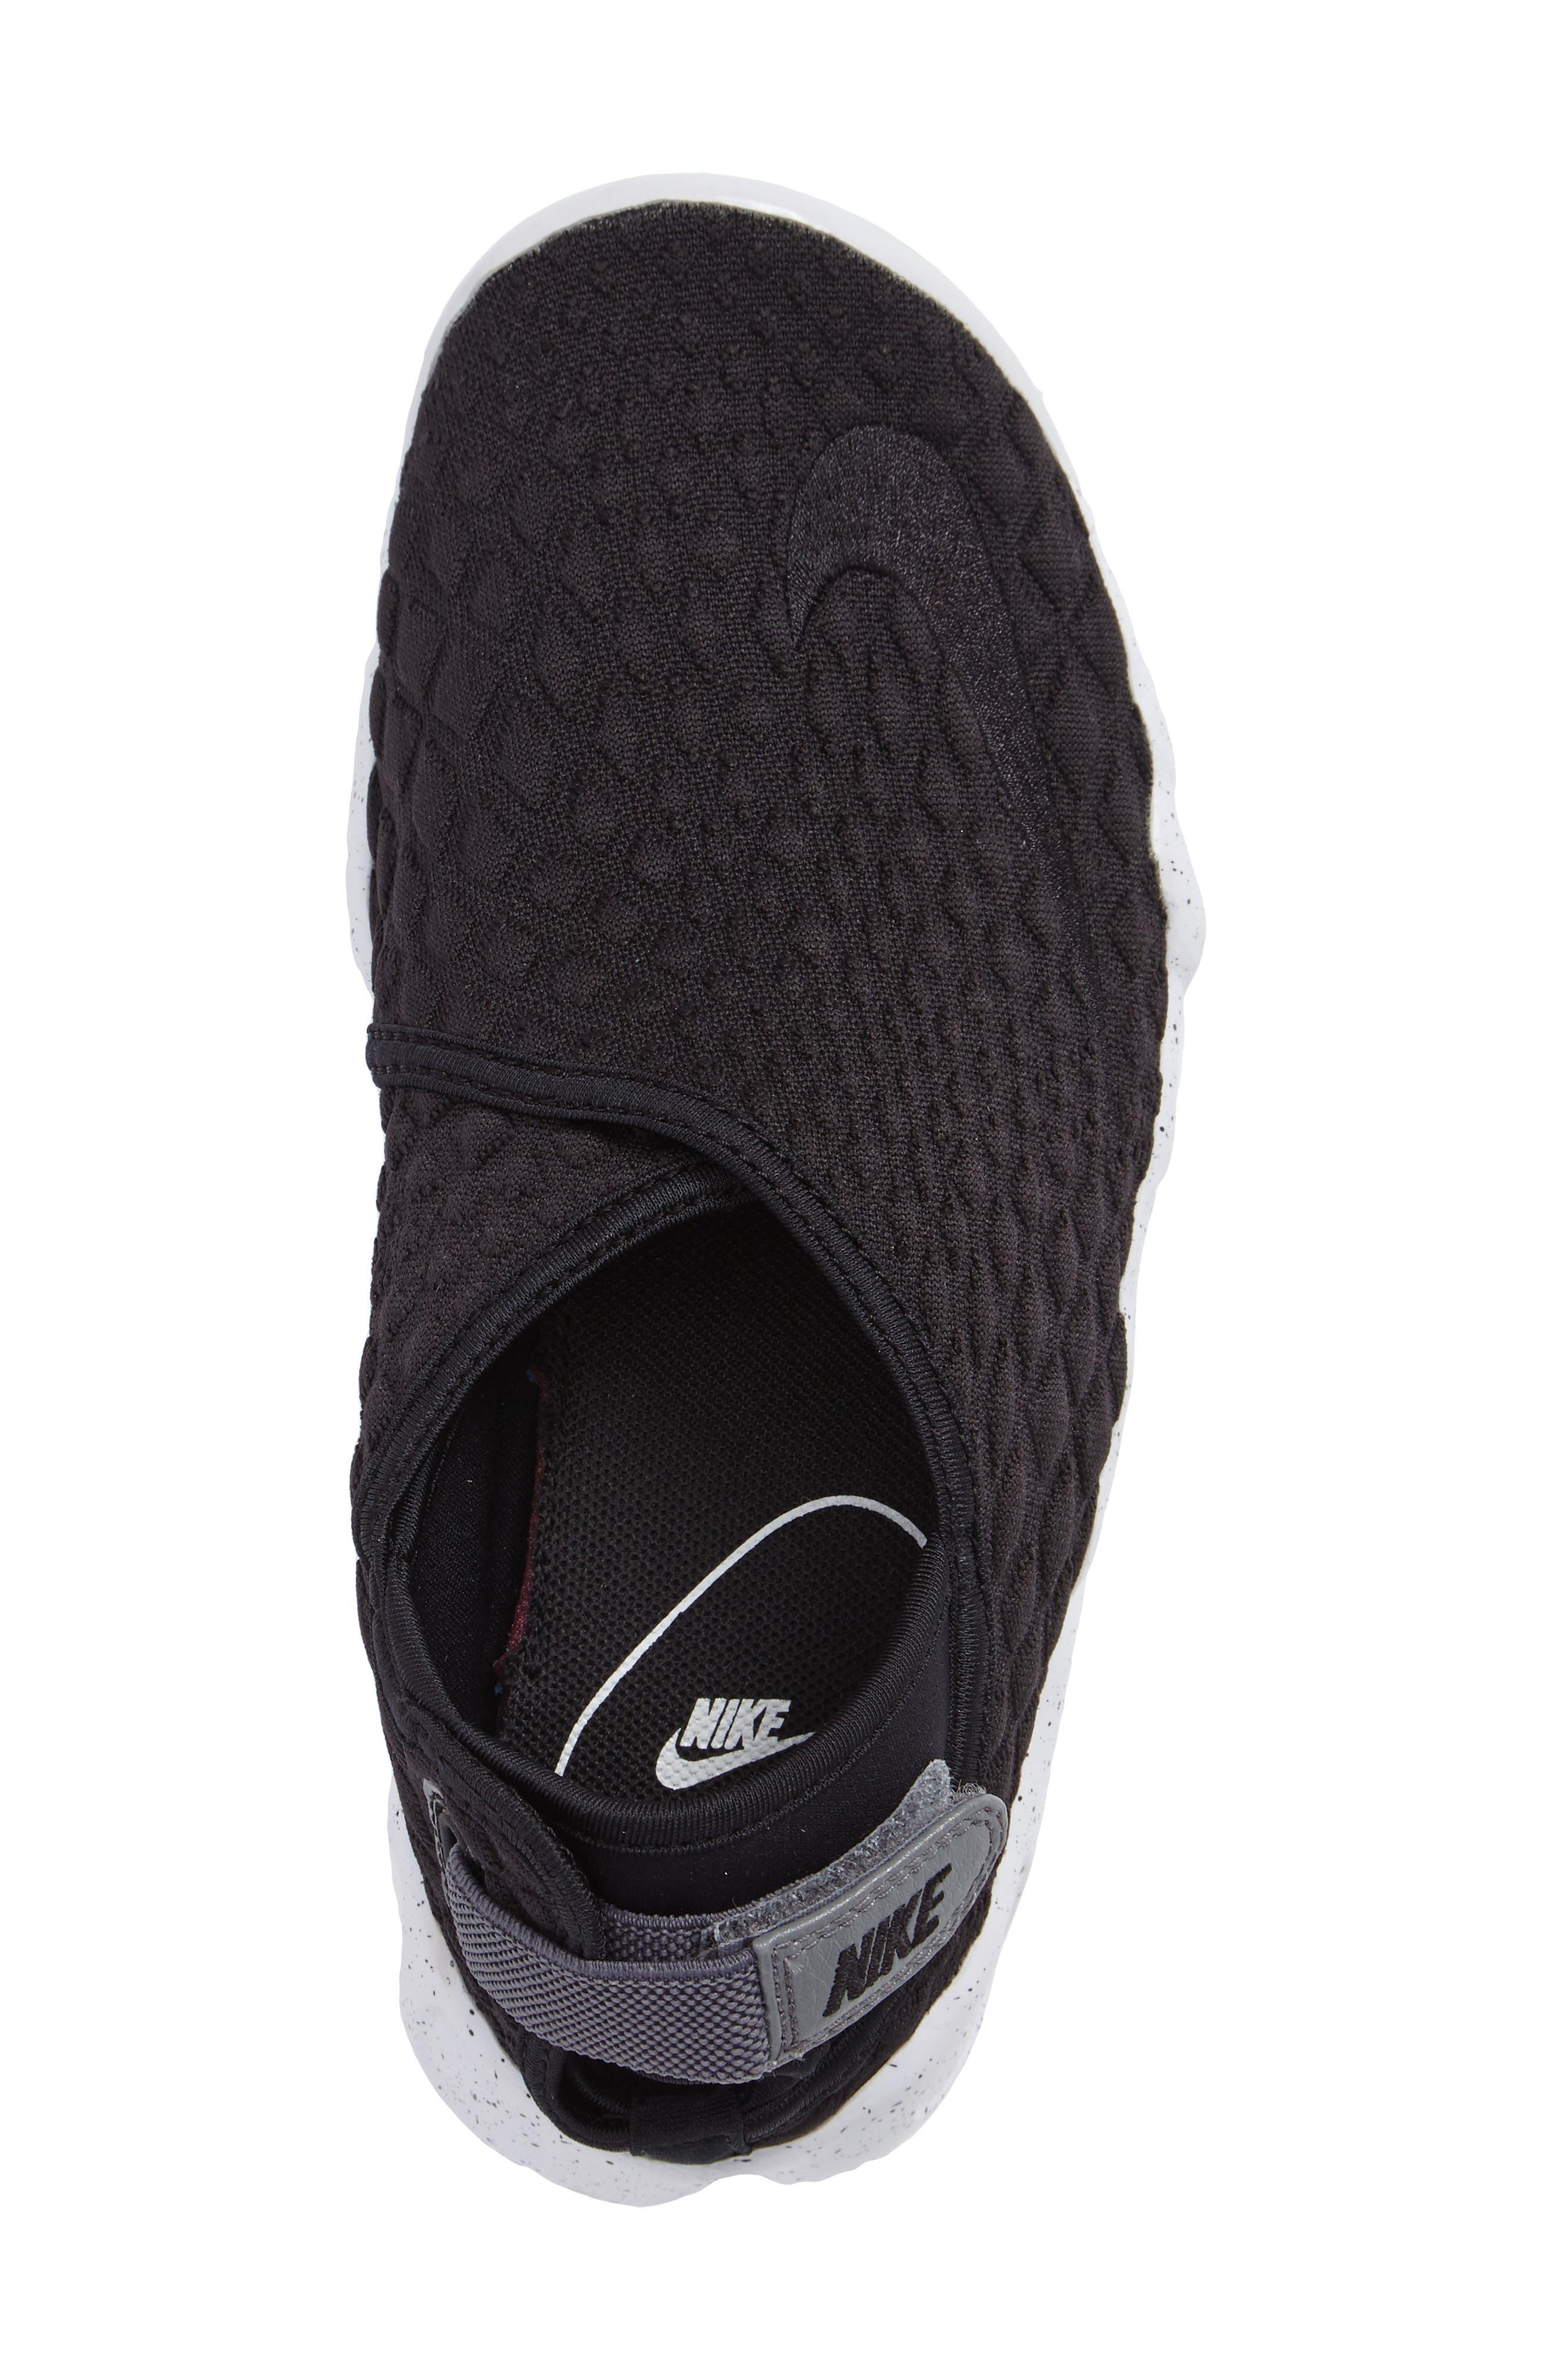 Rift Wrap Slip-On Sneaker,                             Alternate thumbnail 3, color,                             001